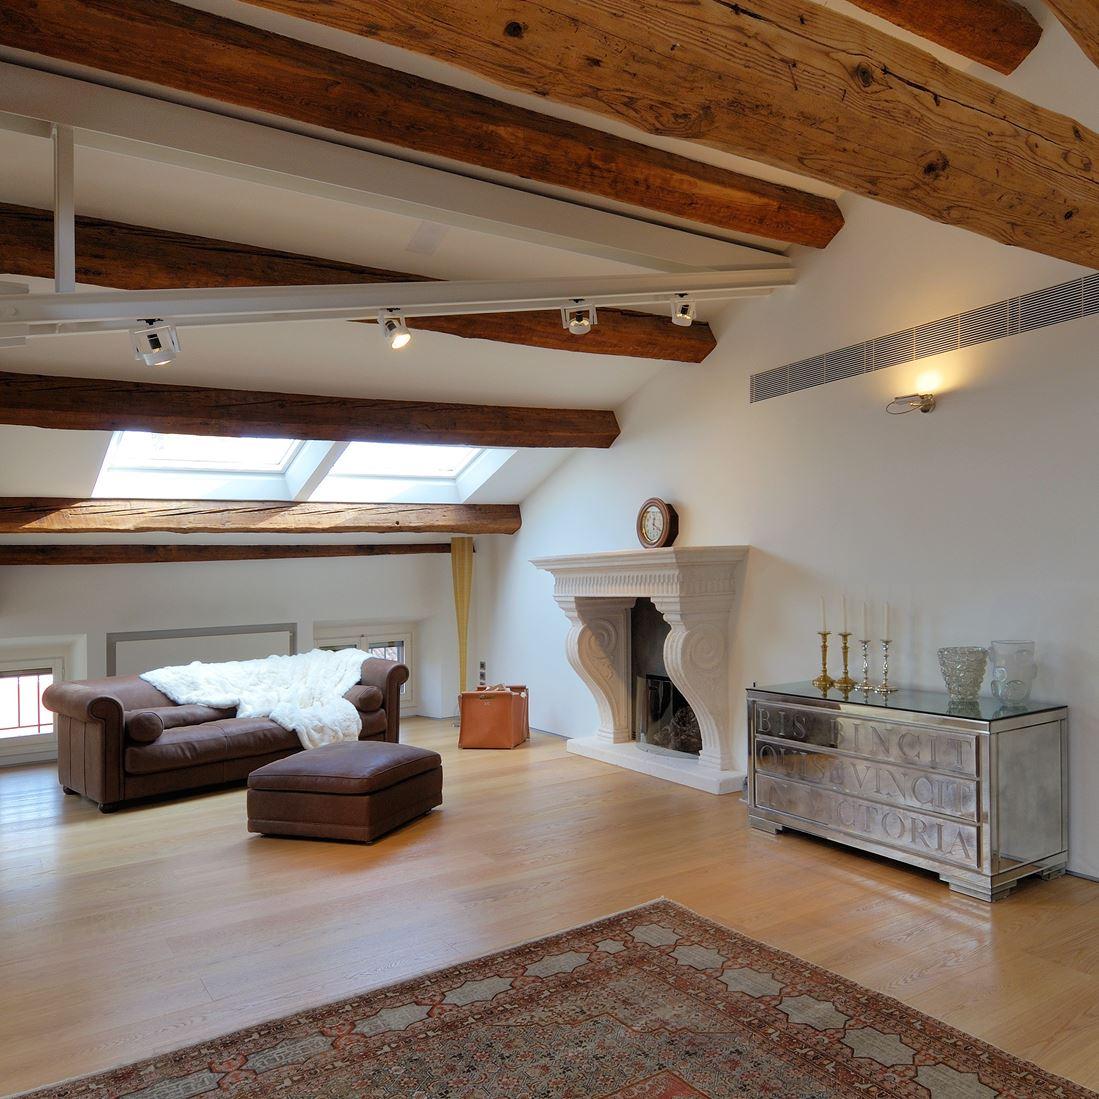 Soffitto in legno moderno : Un attico in centro città - mansarda.it